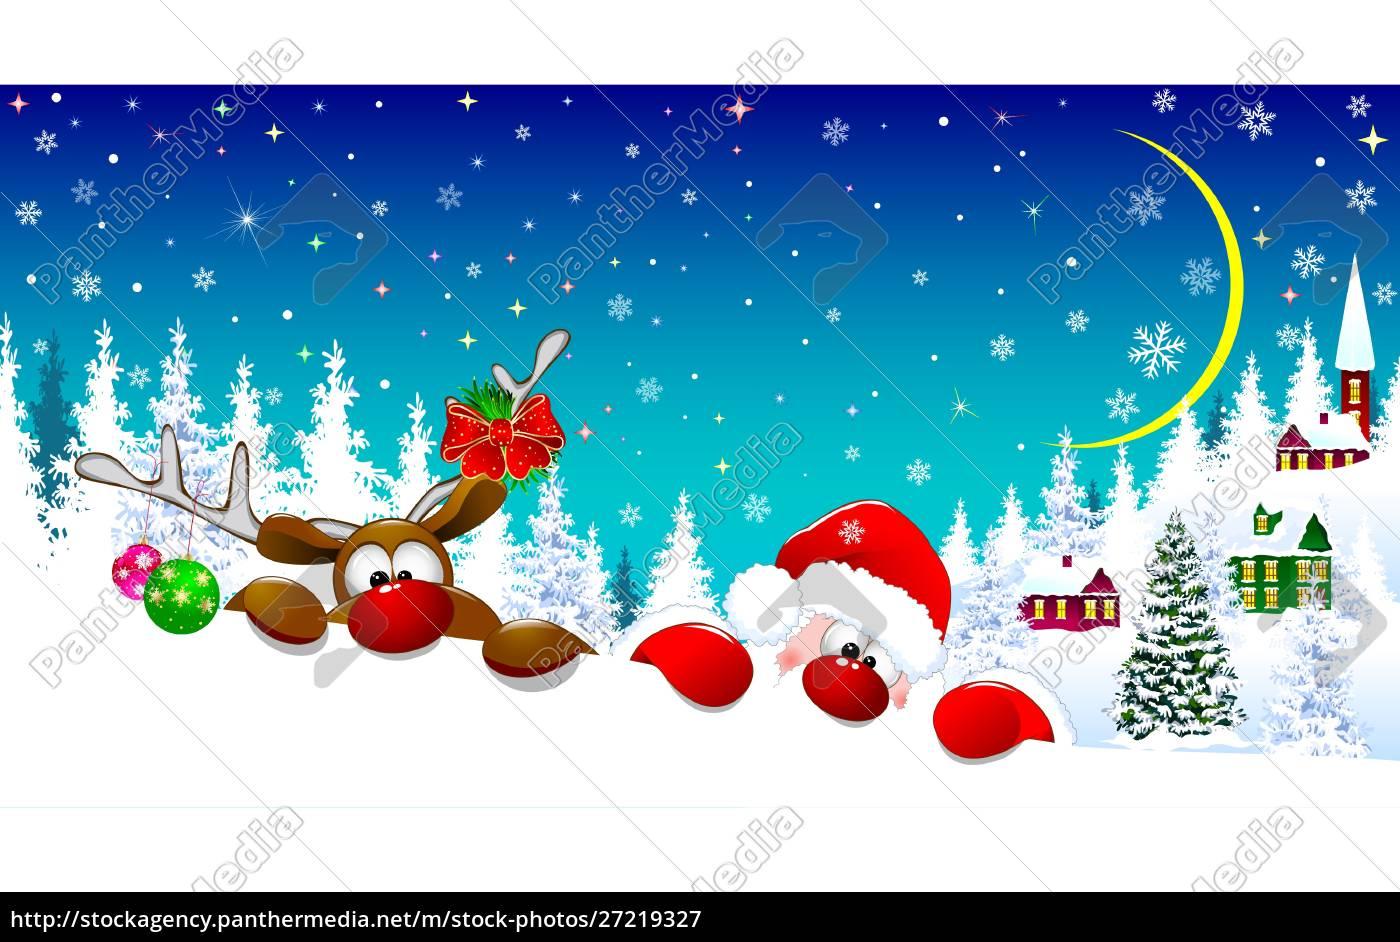 santa, and, deer, on, christmas, night - 27219327